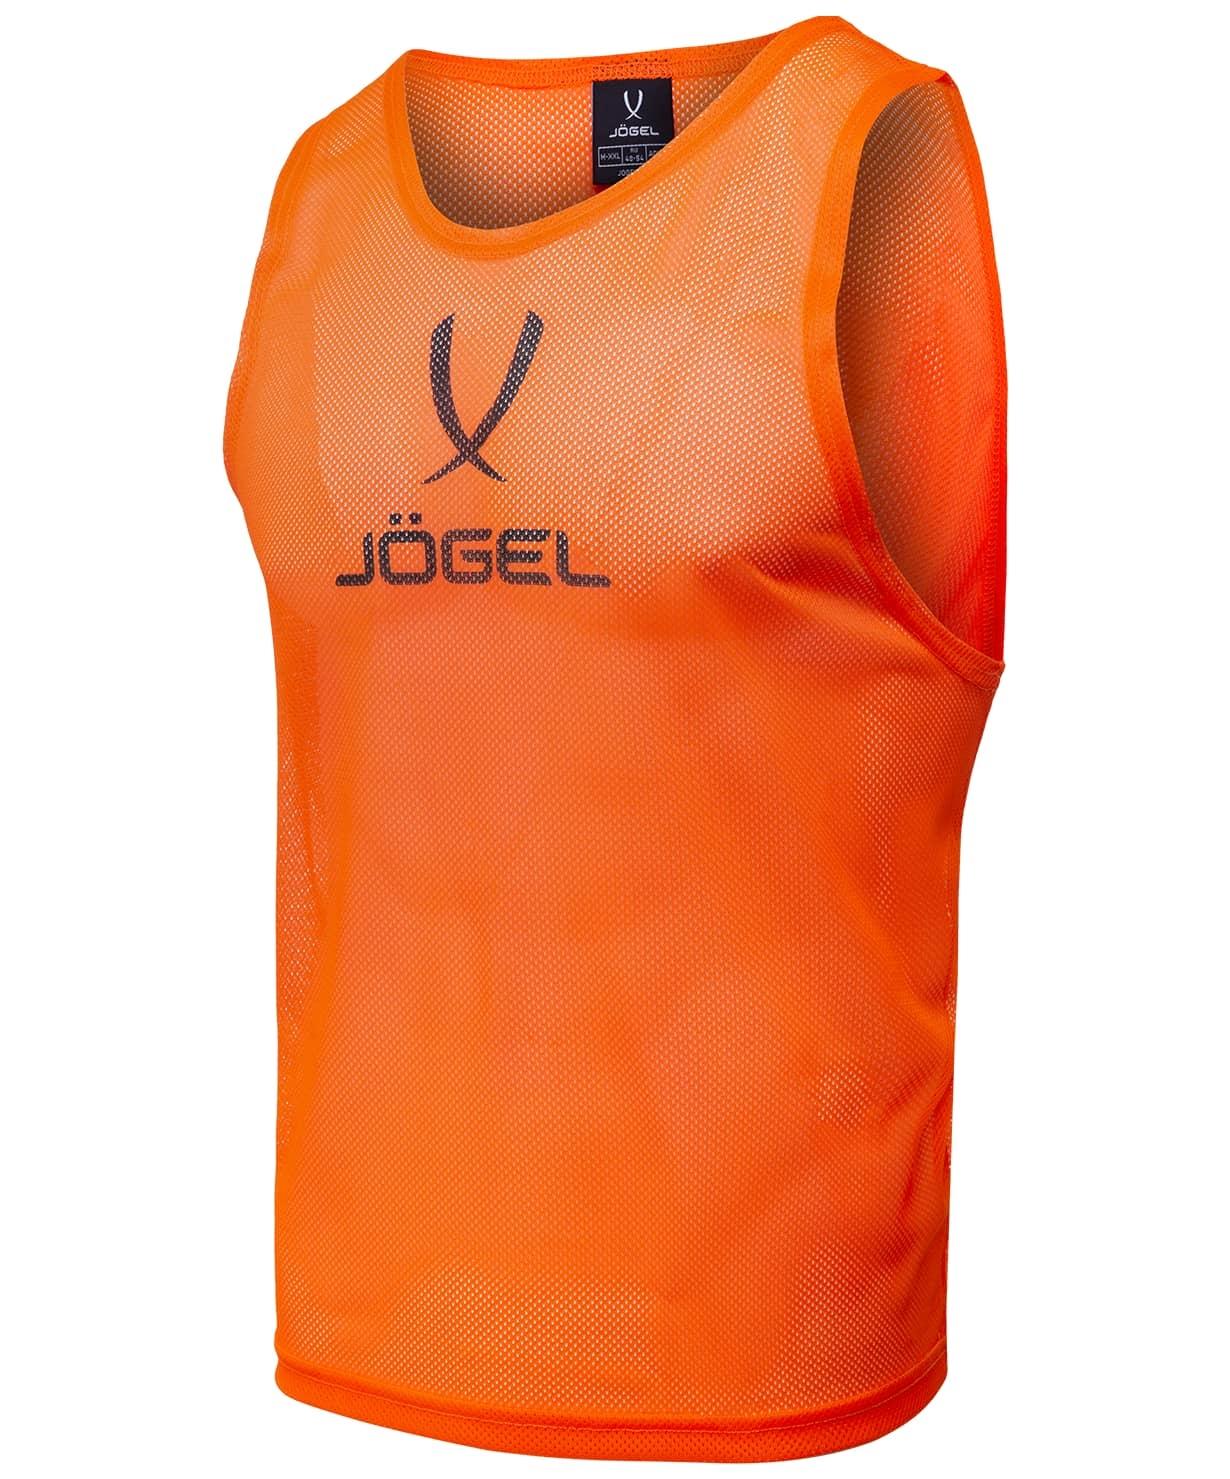 Манишка сетчатая Training Bib, оранжевый